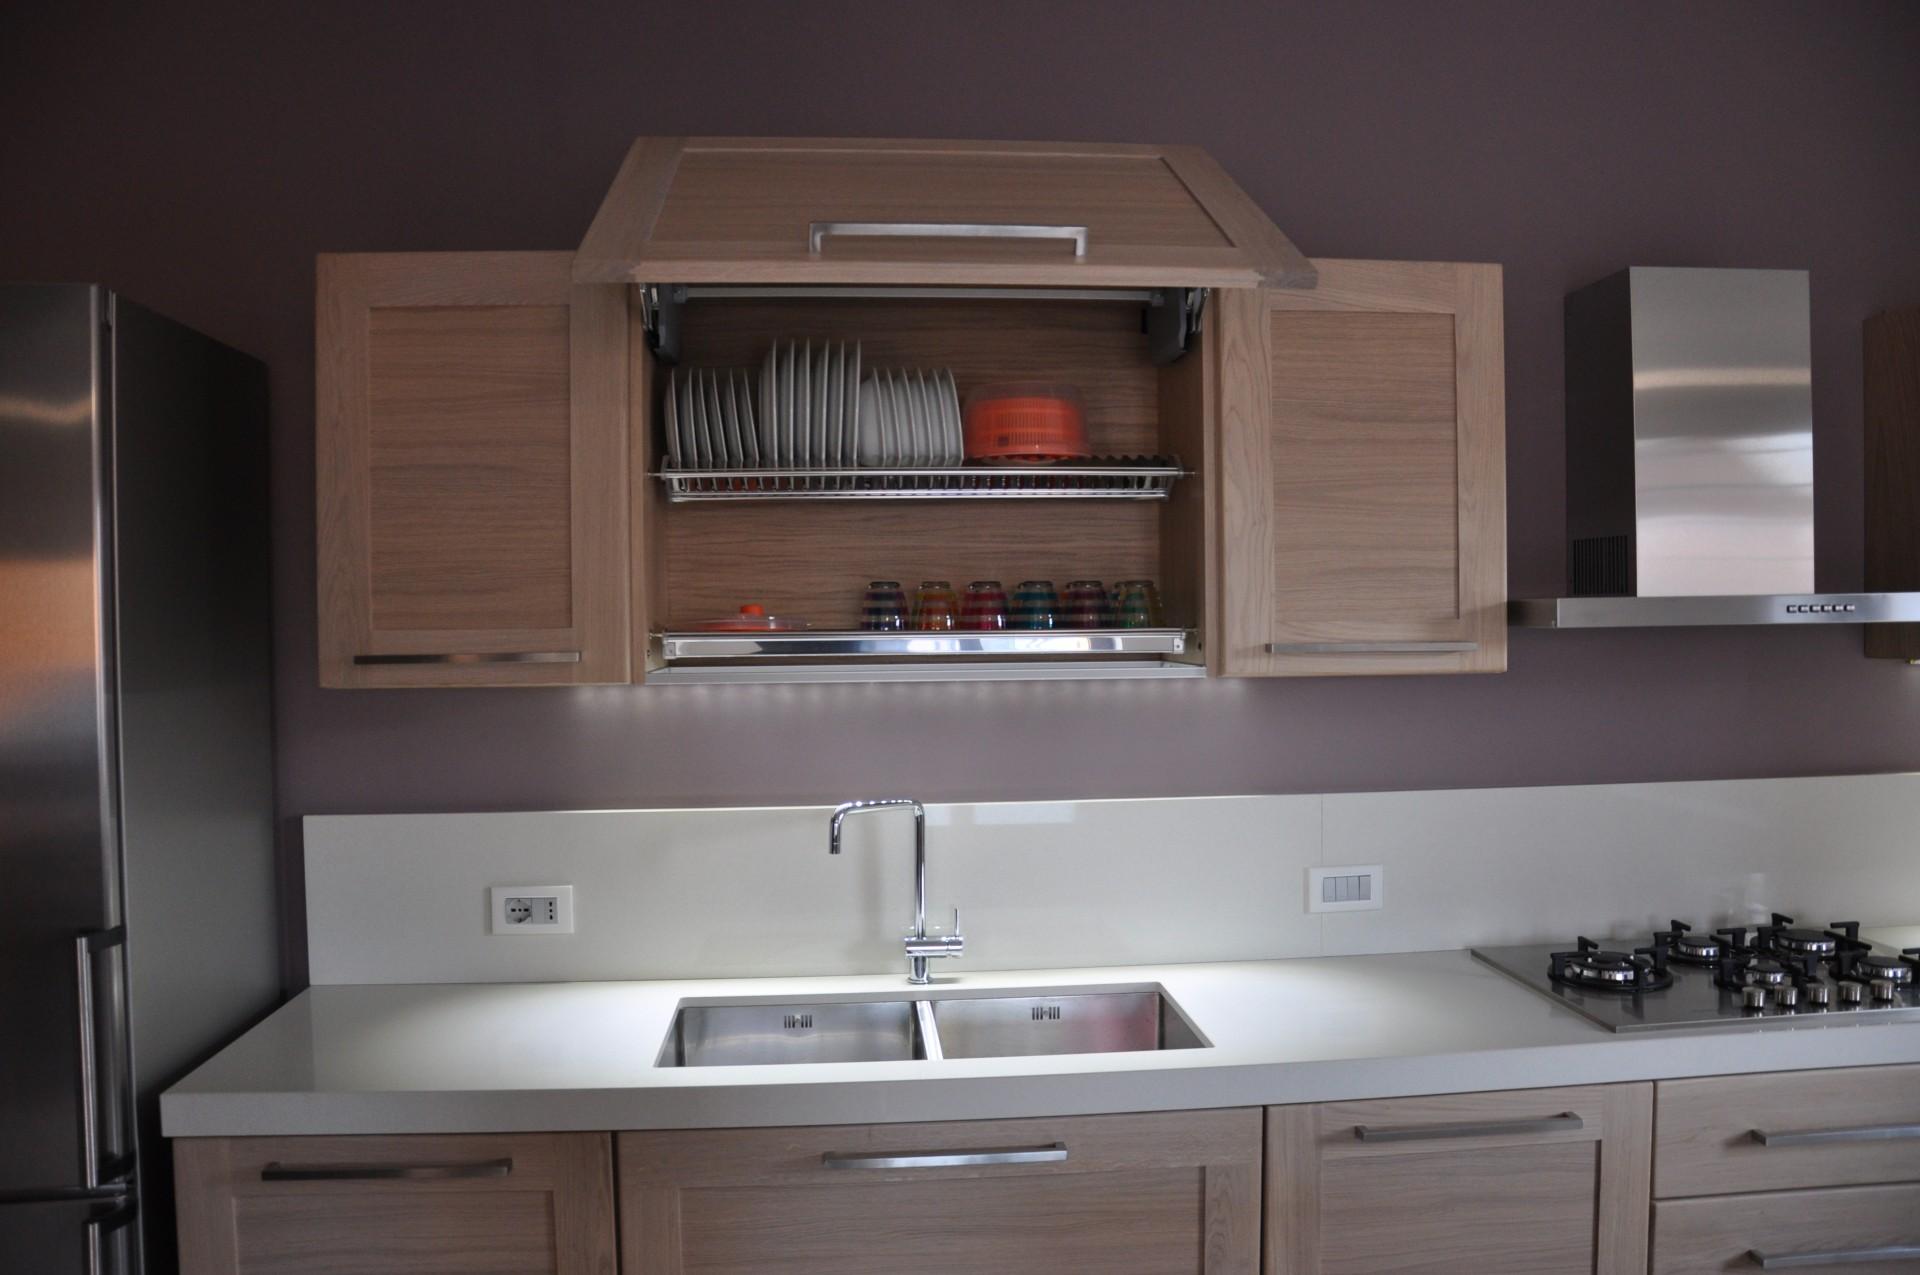 Cucine moderne fadini mobili cerea verona